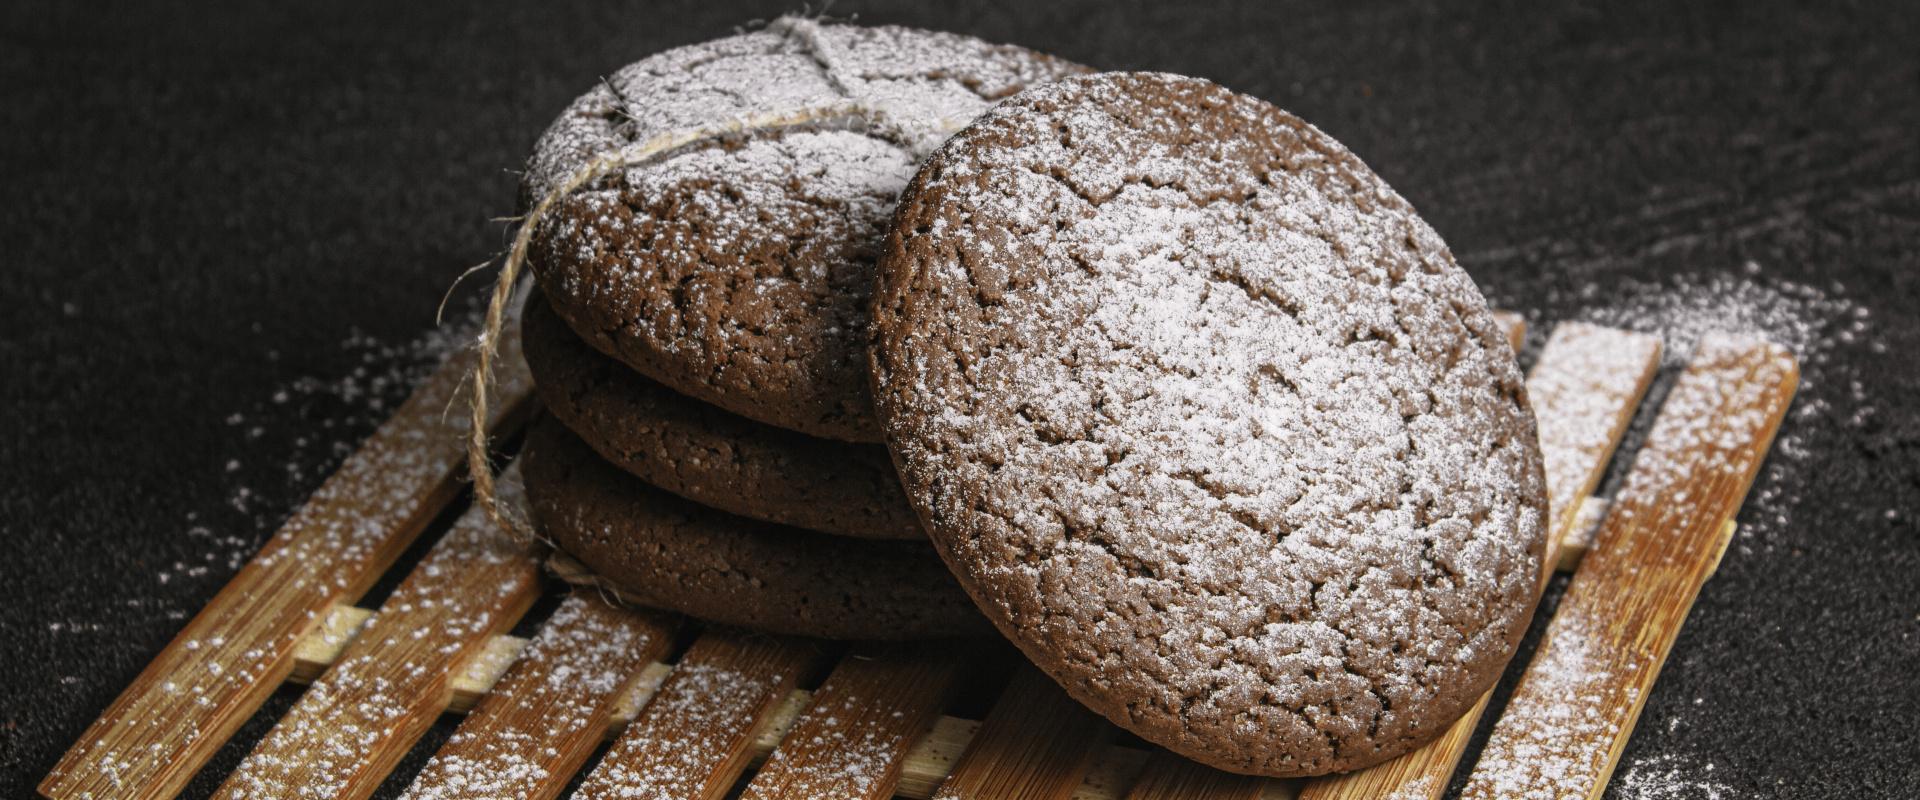 csokis zabos keksz cover